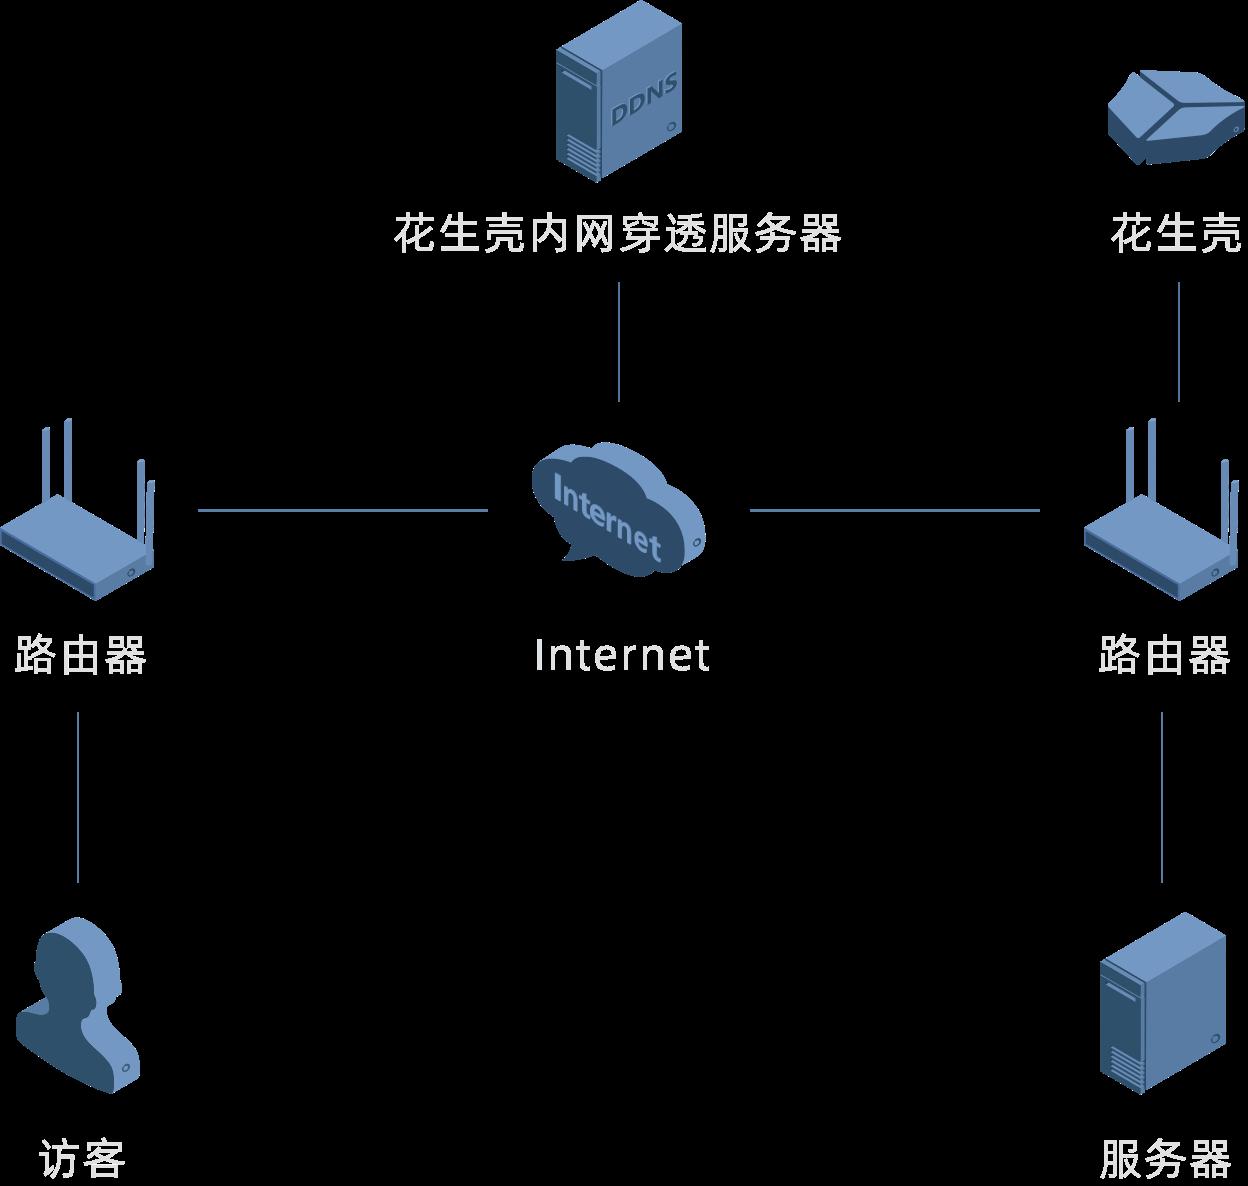 动态ip搭建服务器_搭建网站解决方案-Oray花生壳官网